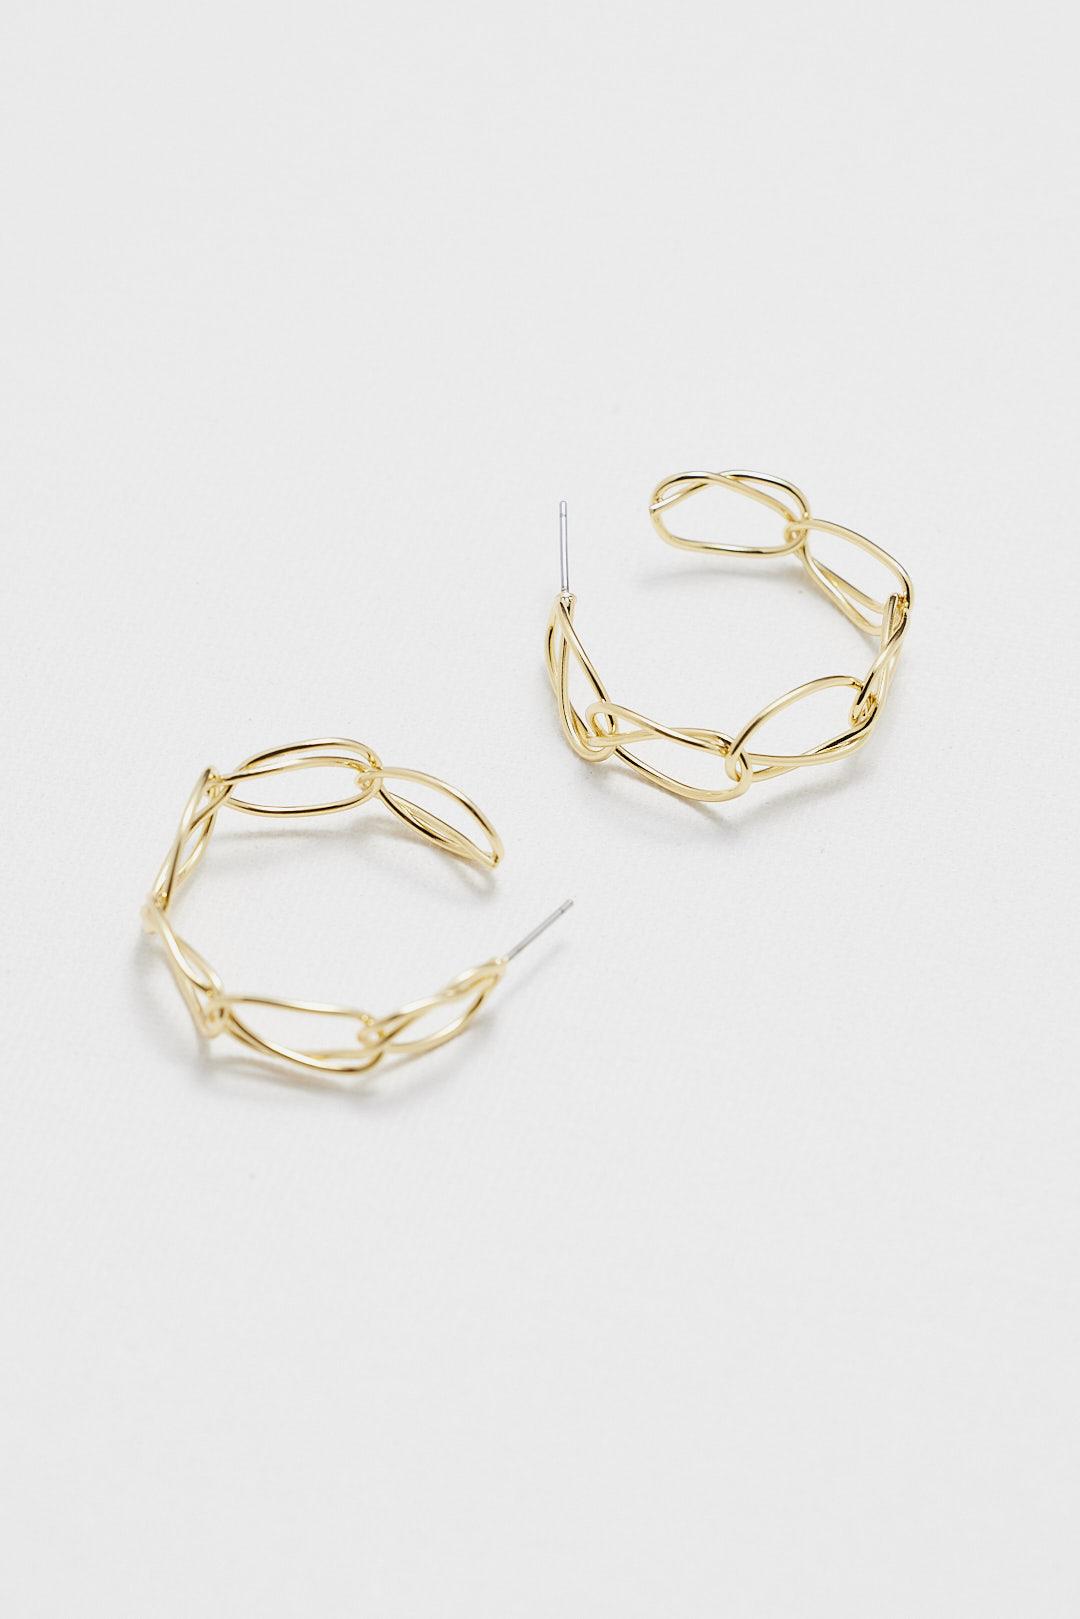 Maisy Earrings